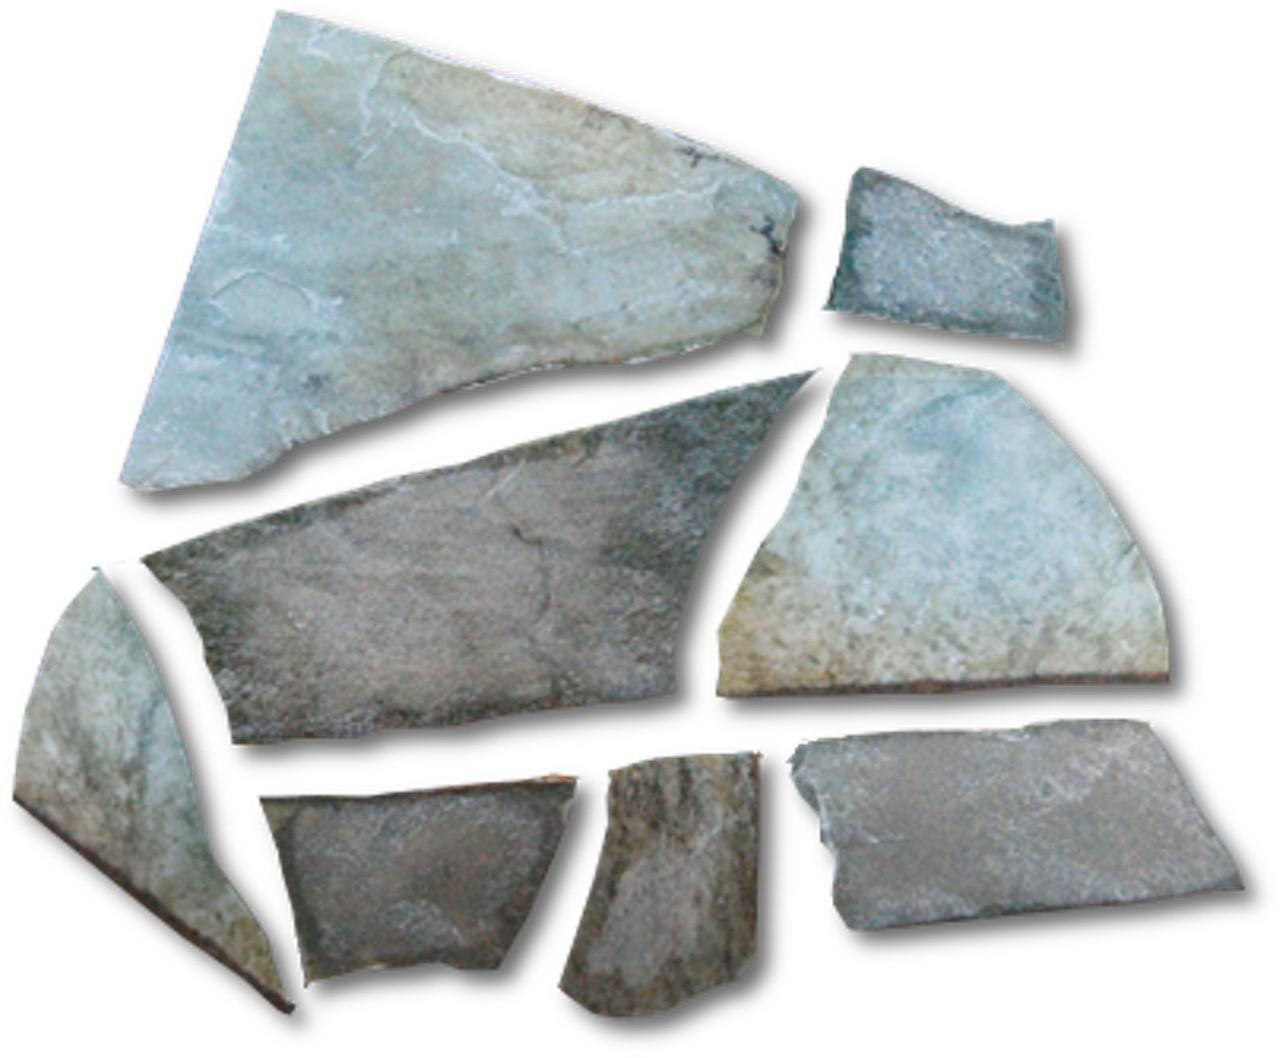 γκρι πέτρα Καβάλας